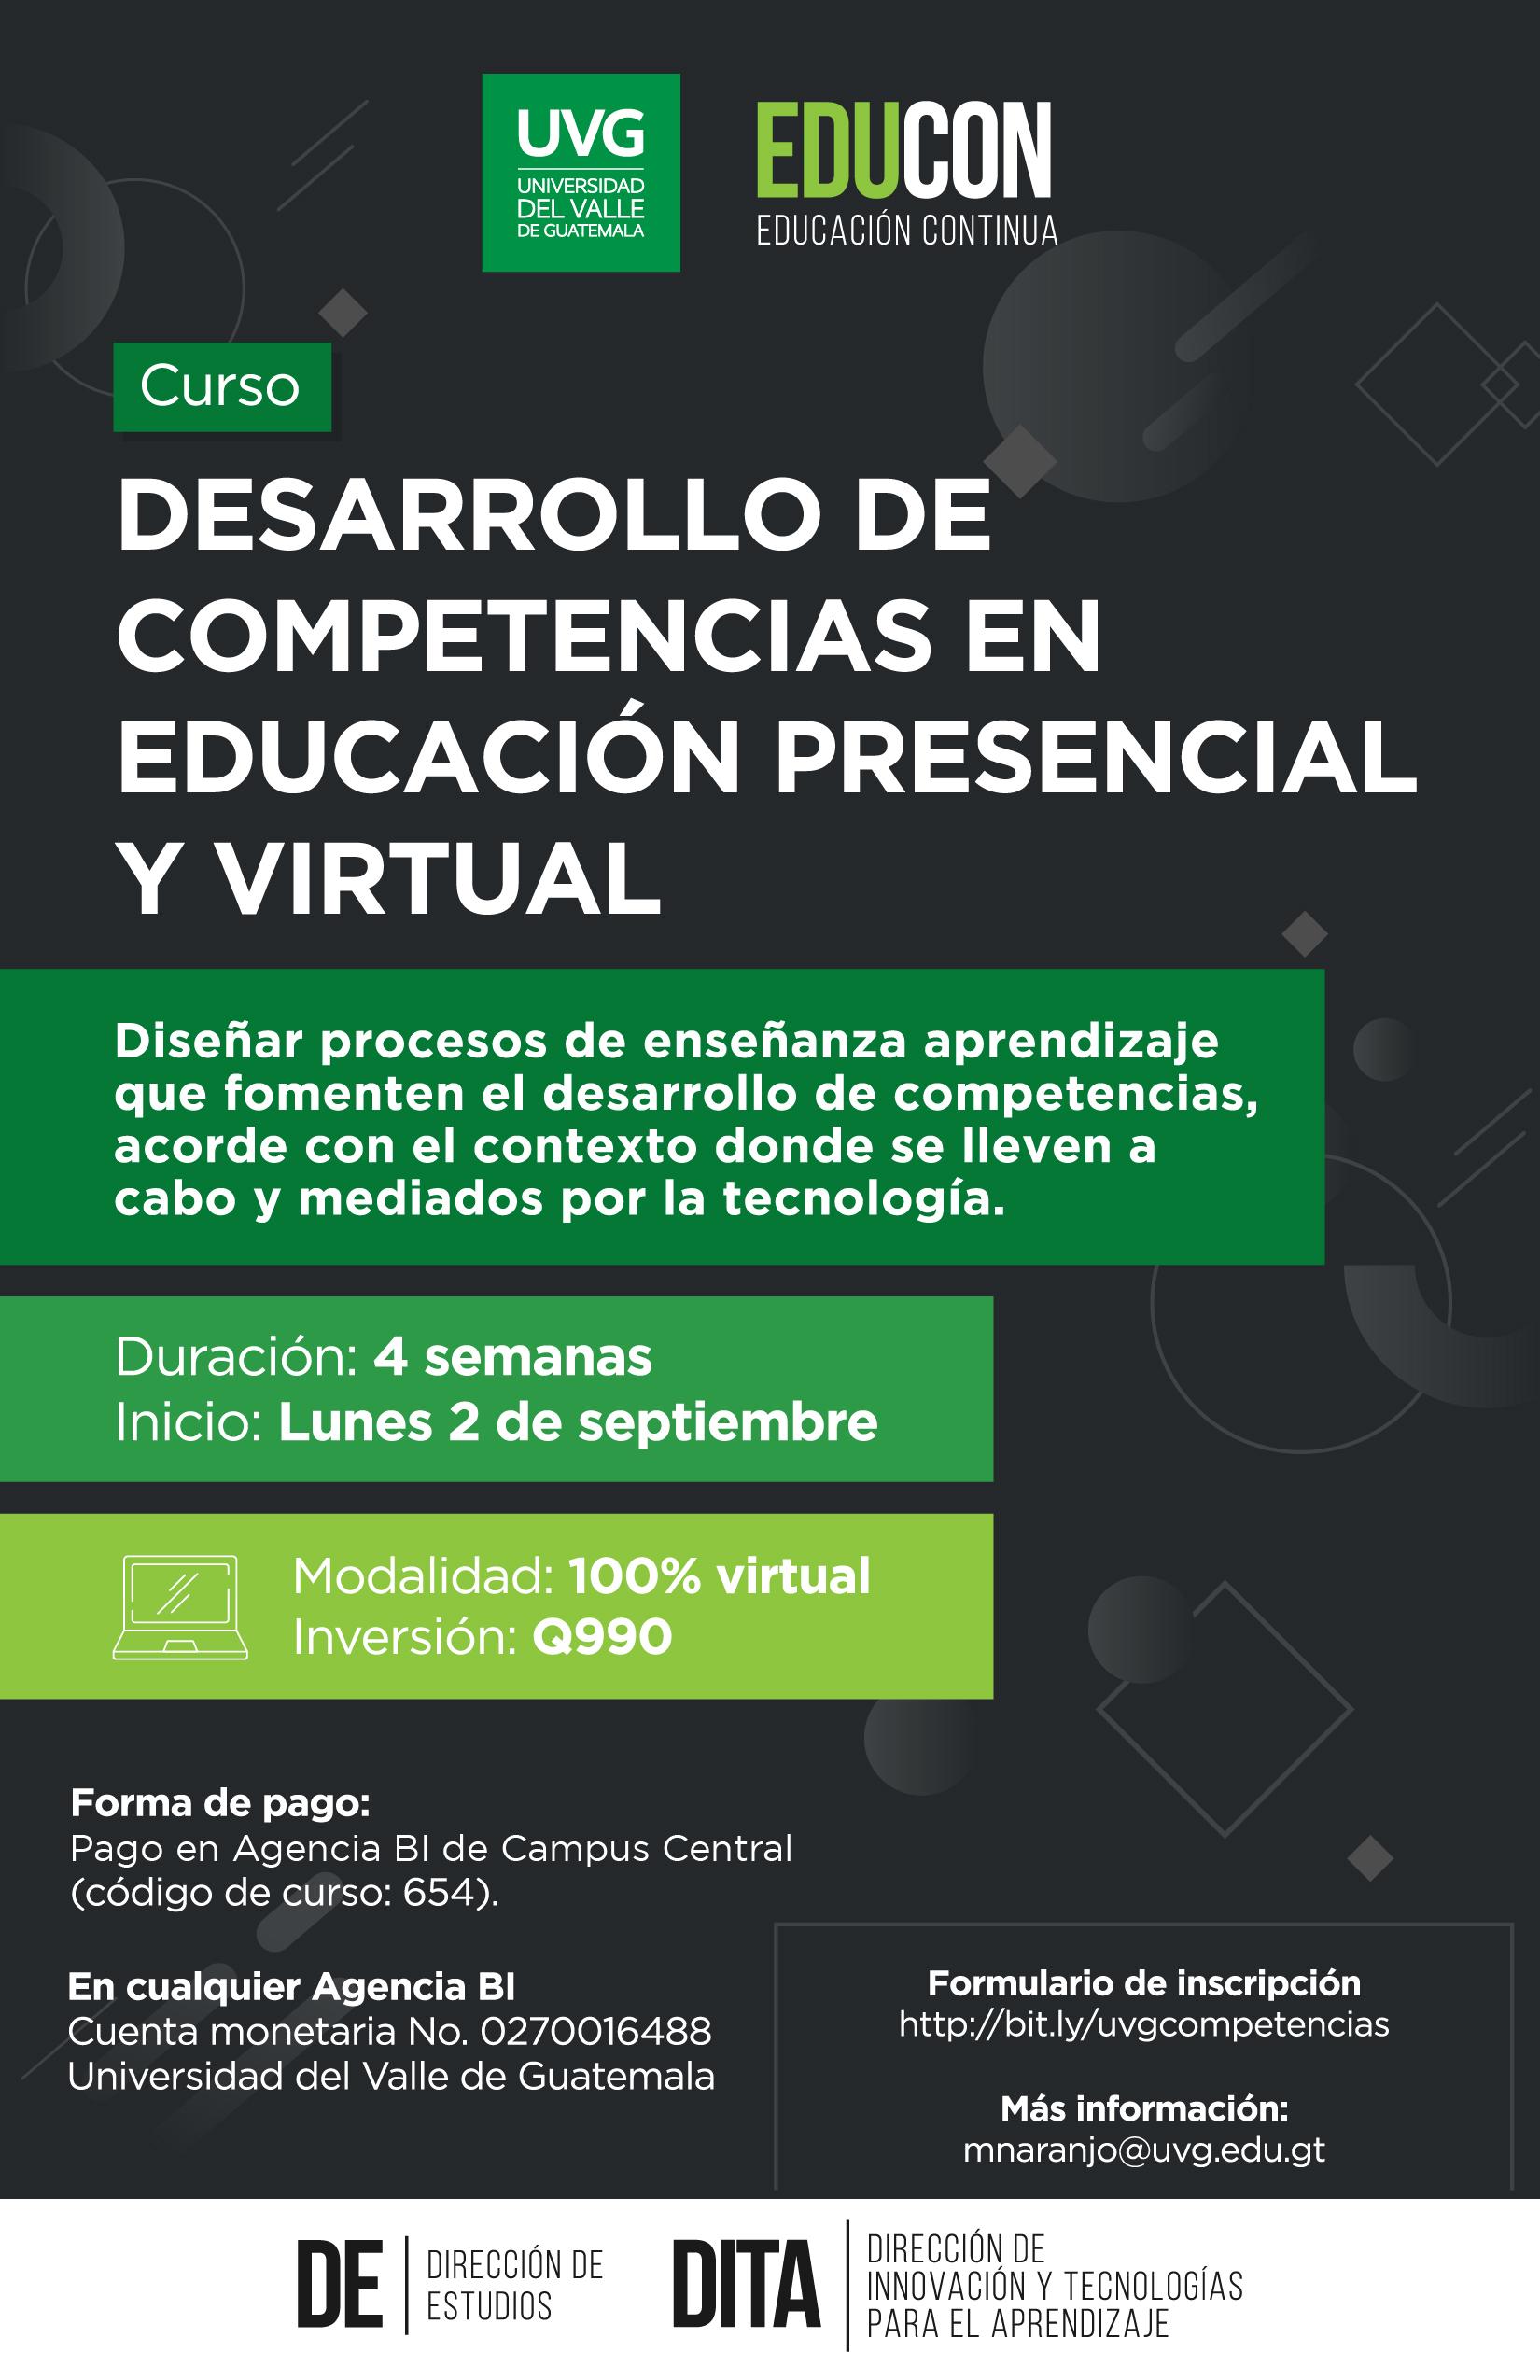 DESARROLLO DE COMPETENCIAS EN LA EDUCACIÓN PRESENCIAL Y VIRTUAL